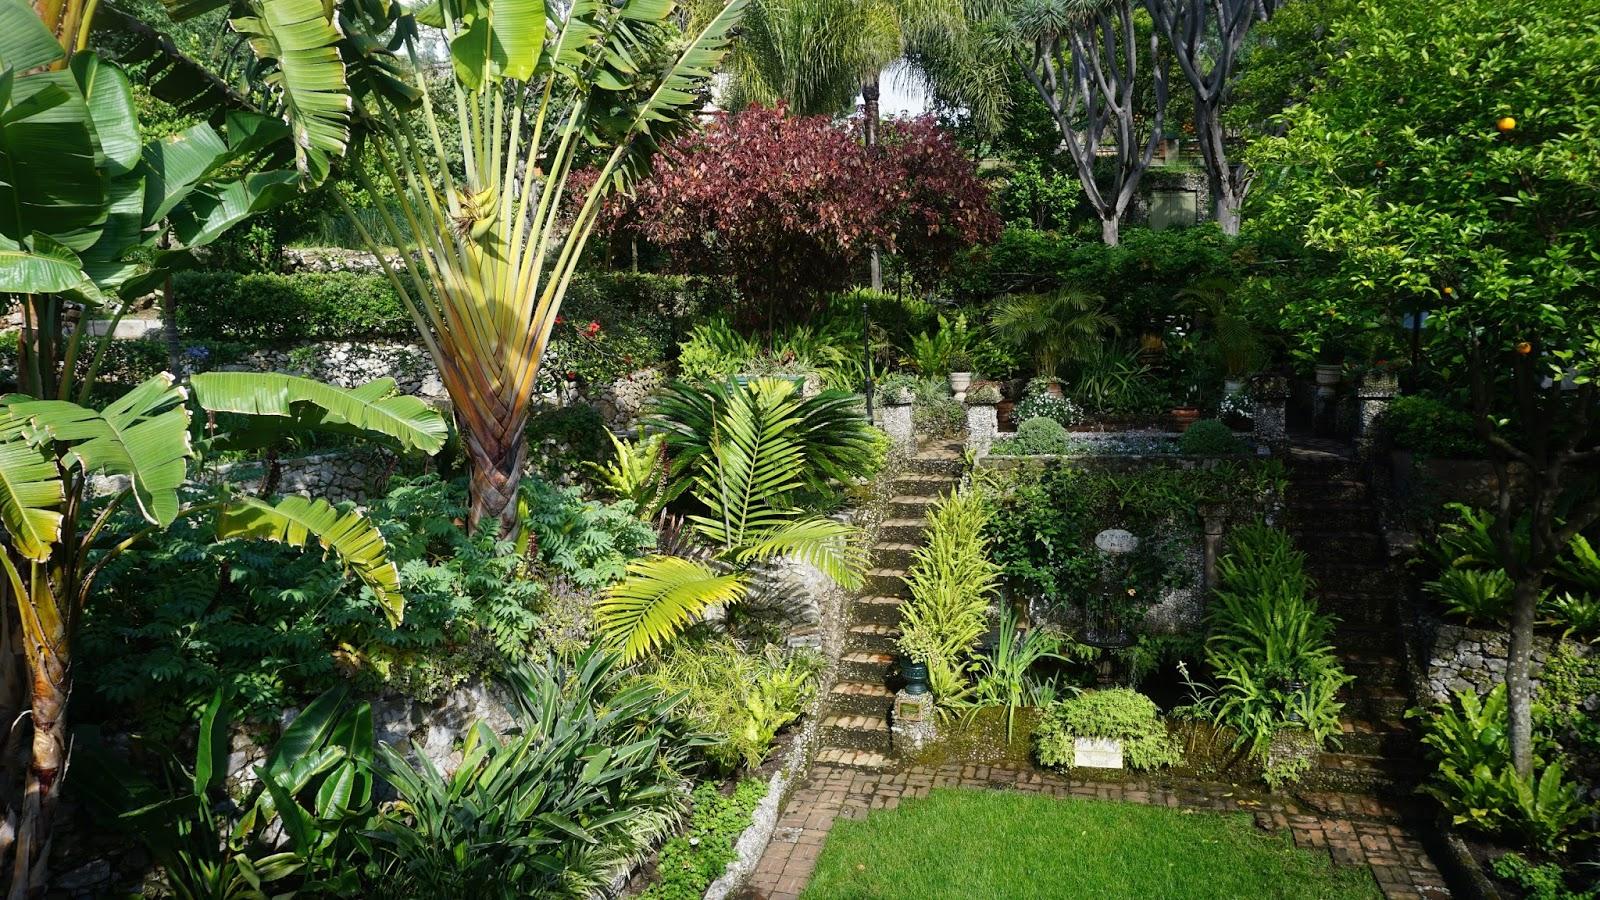 Ogród botaniczny Alameda na Gibraltarze, Alameda, gibraltar